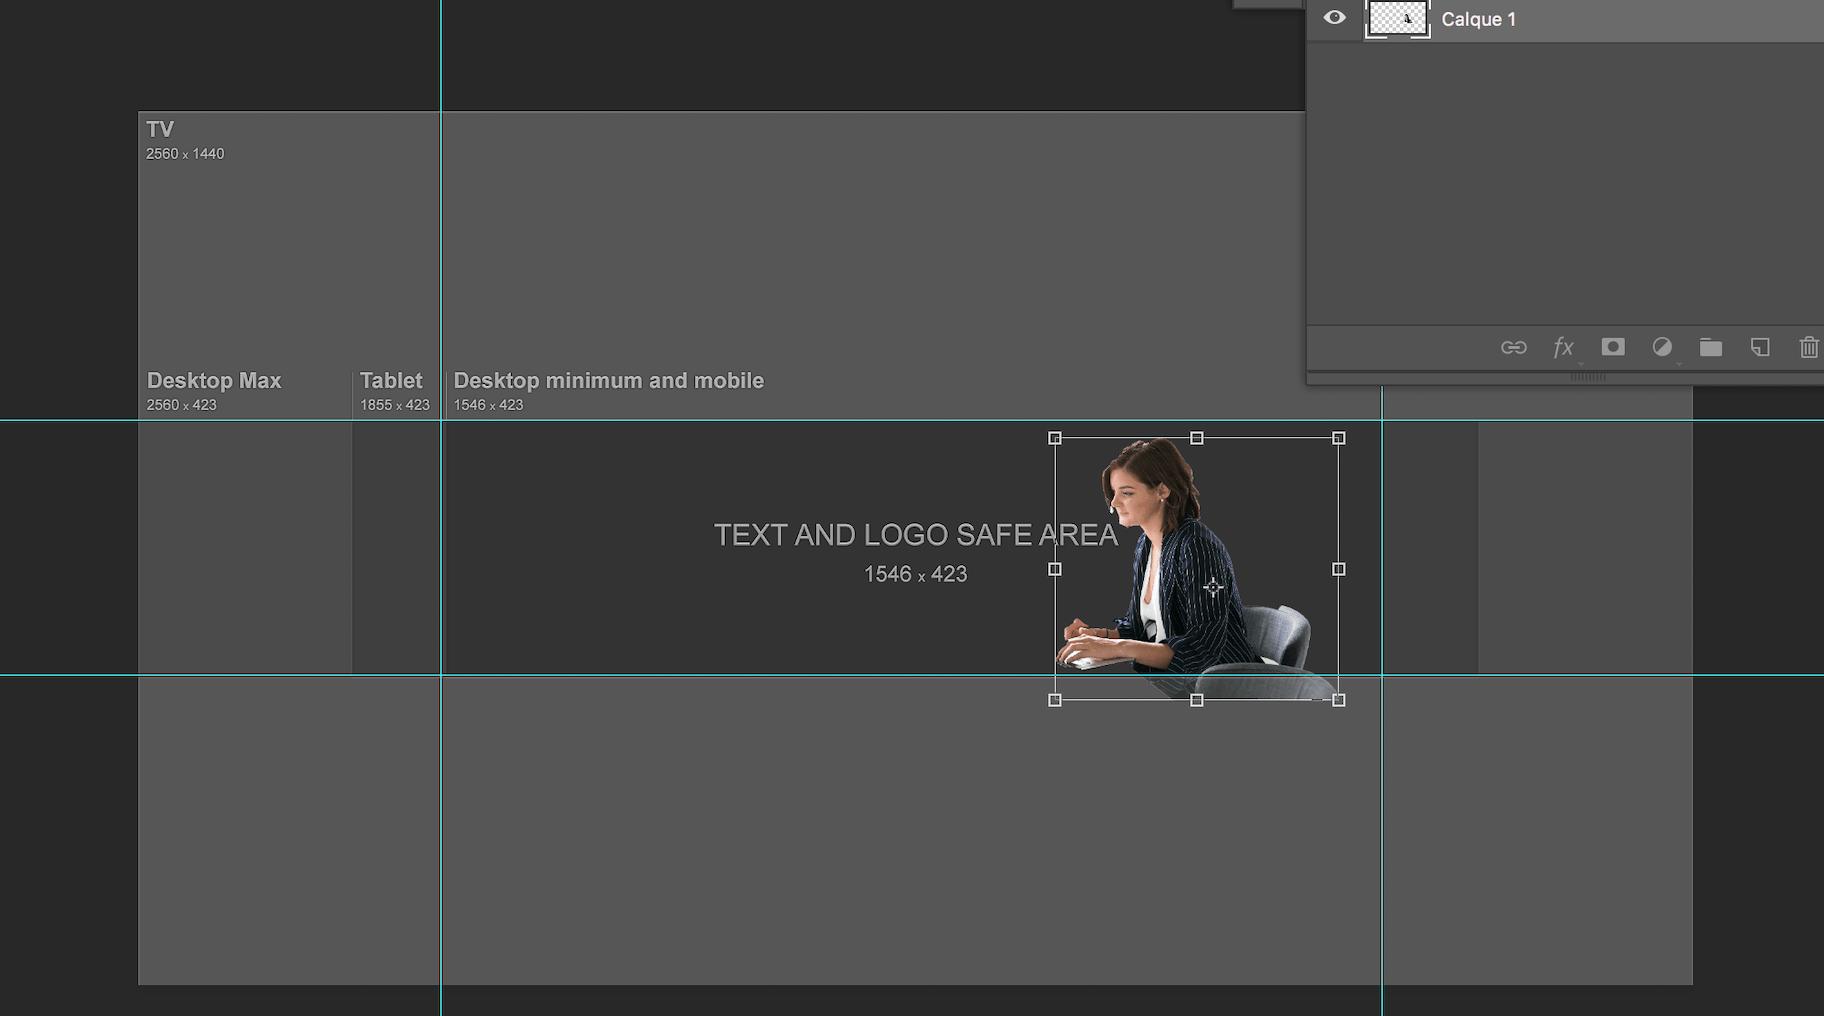 Créer couverture Youtube avec photoshop